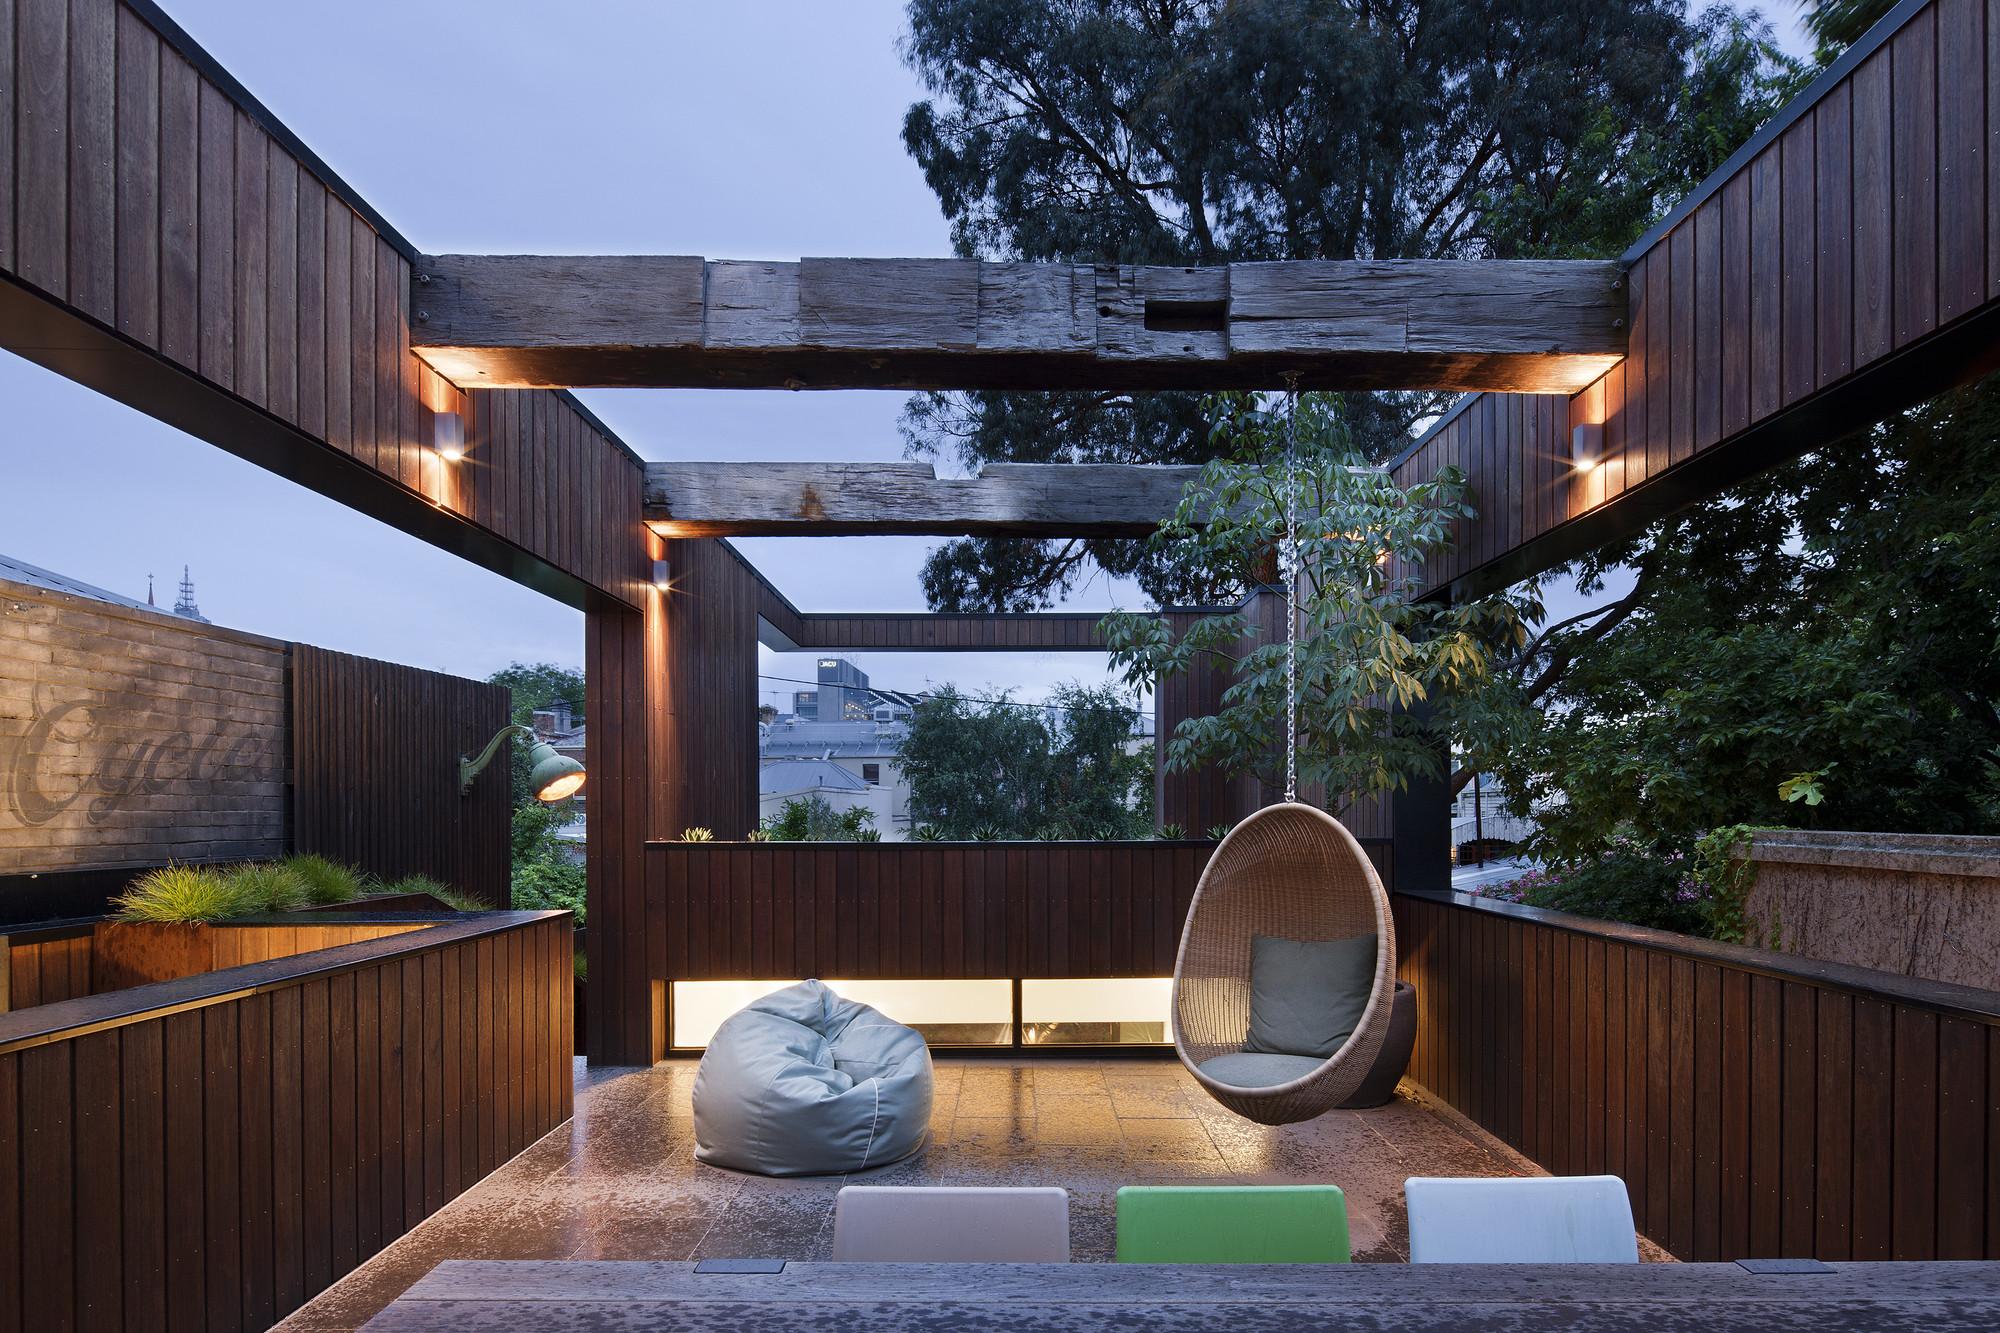 Дом в австралии prodesign - дизайн интерьера, красивые интер.